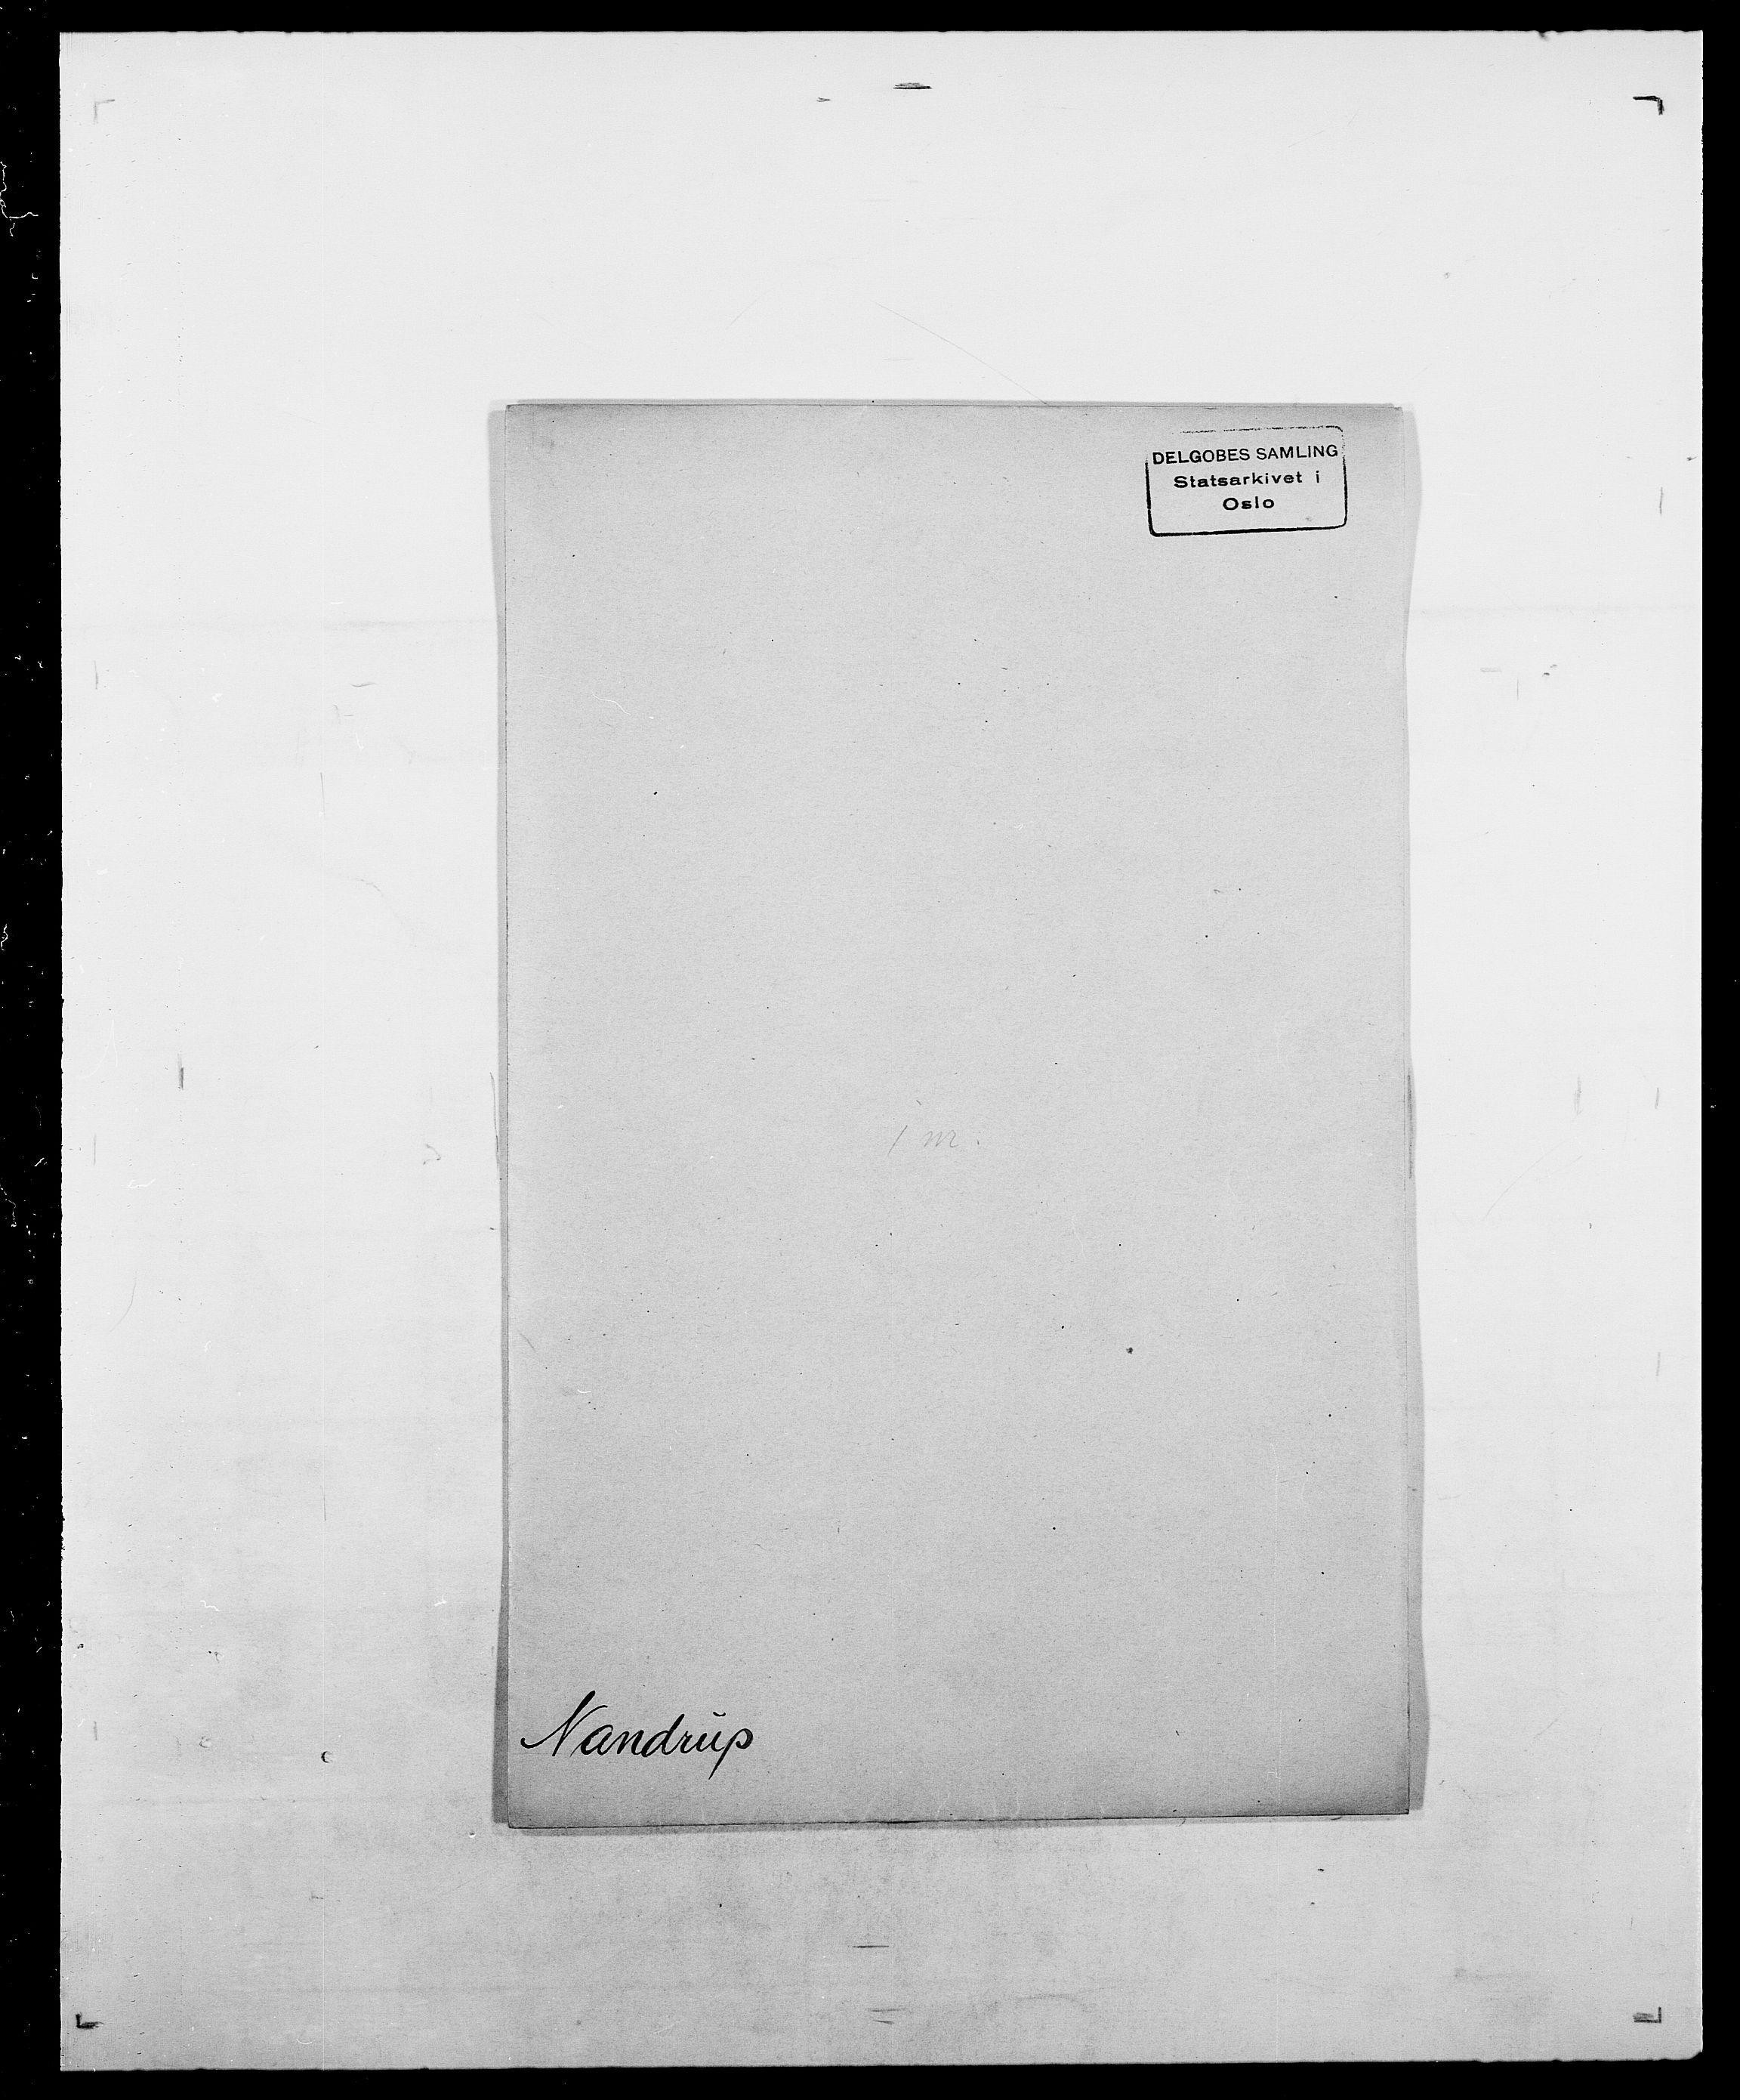 SAO, Delgobe, Charles Antoine - samling, D/Da/L0028: Naaden - Nøvik, s. 29